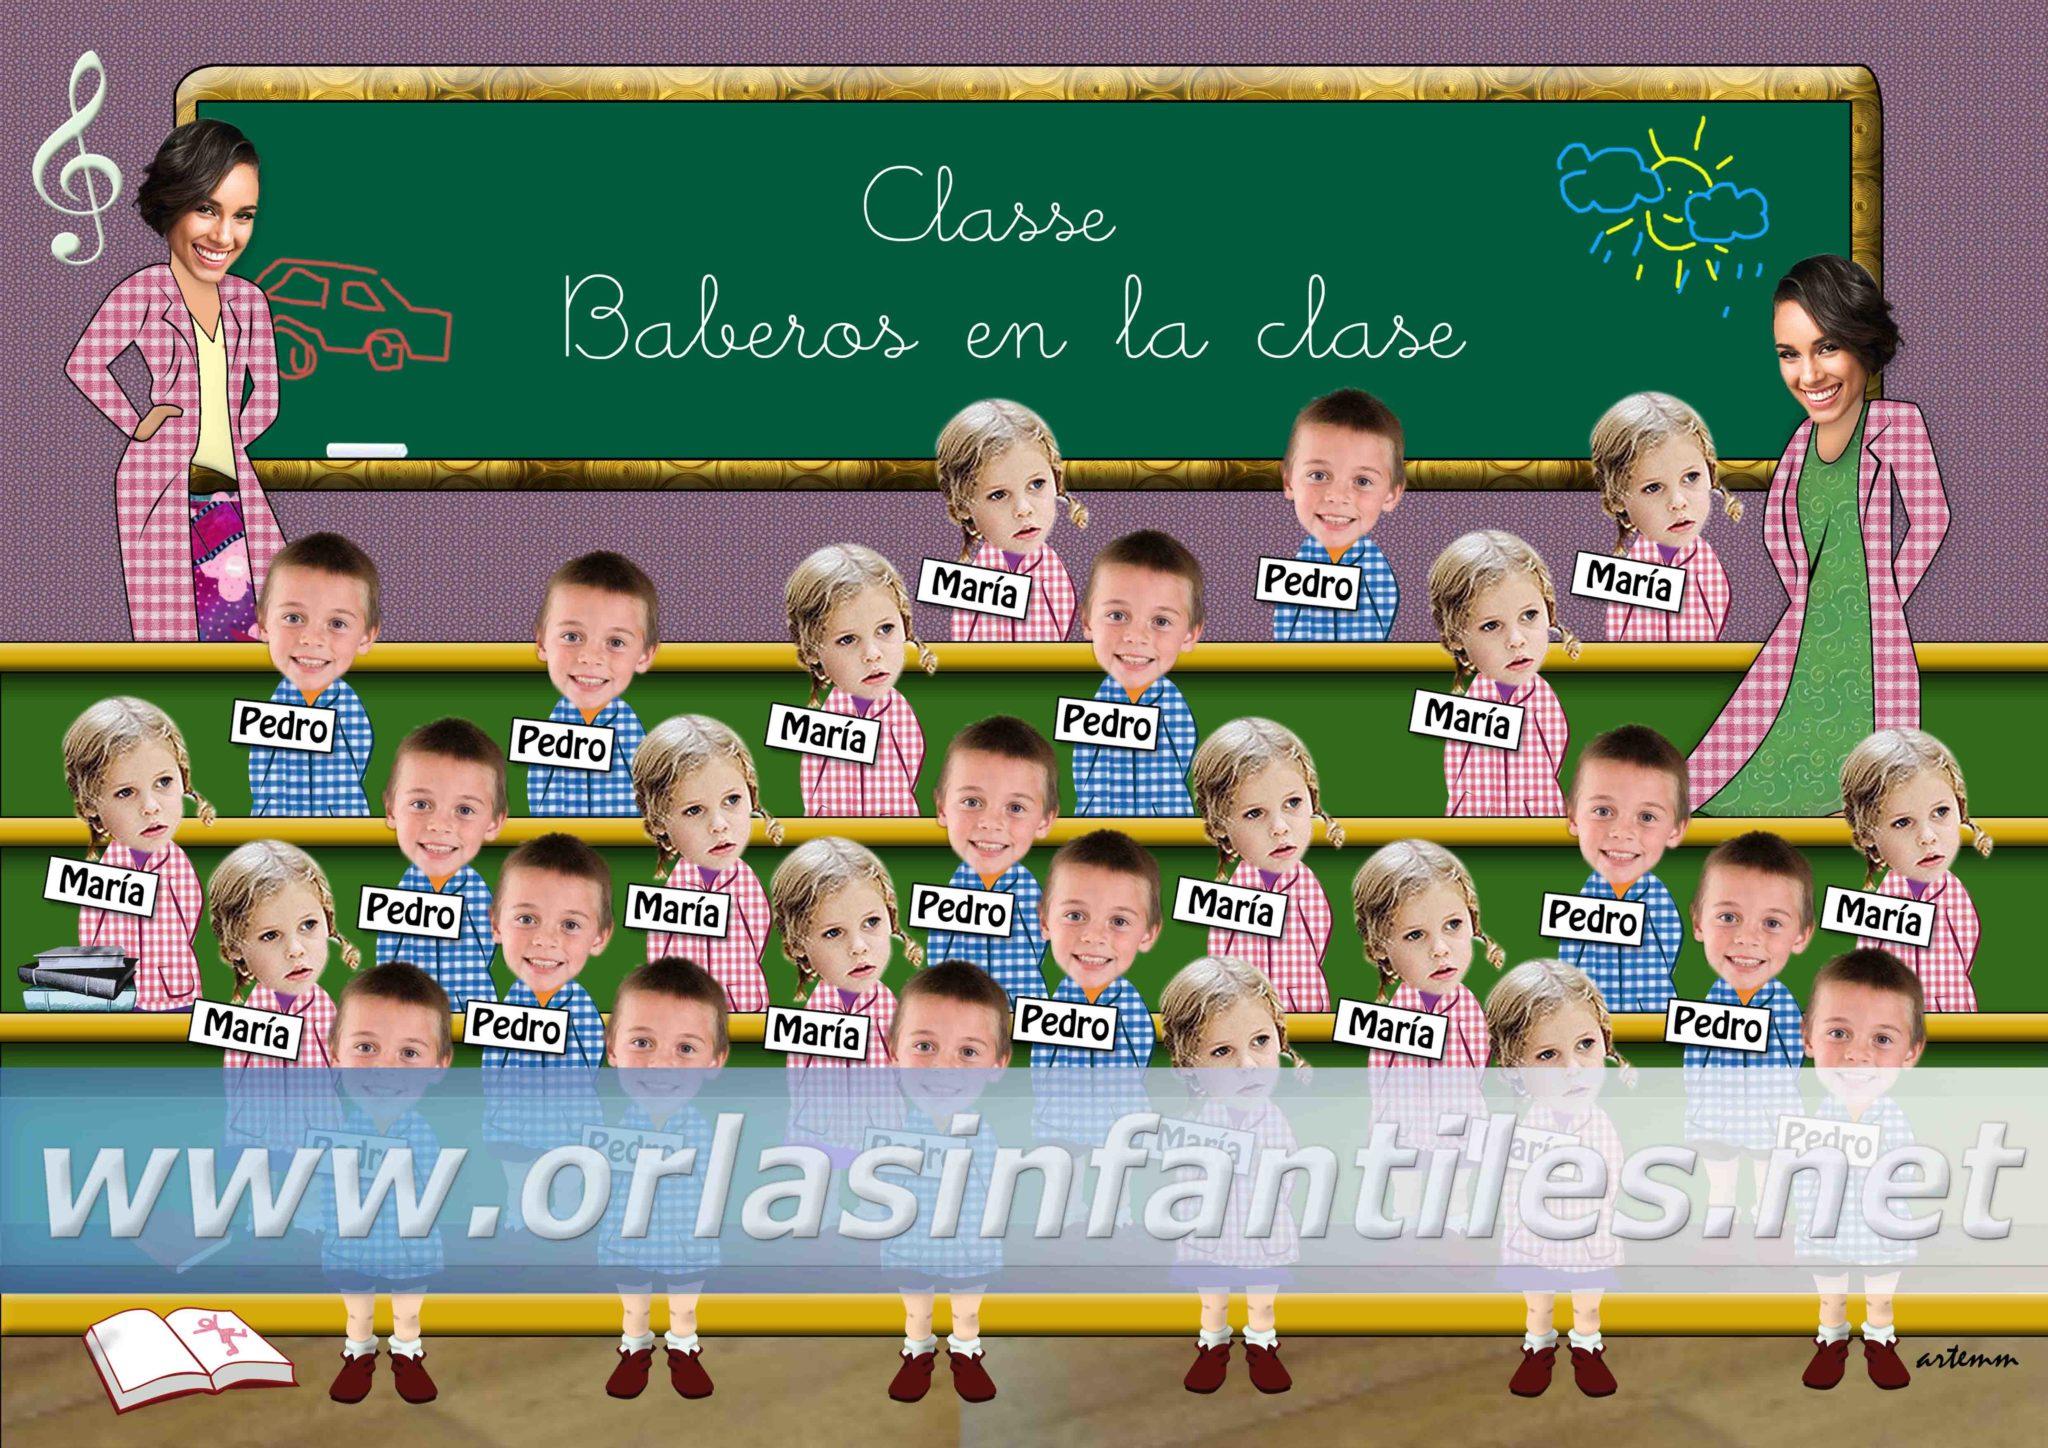 ORLA BABEROS EN LA CLASE